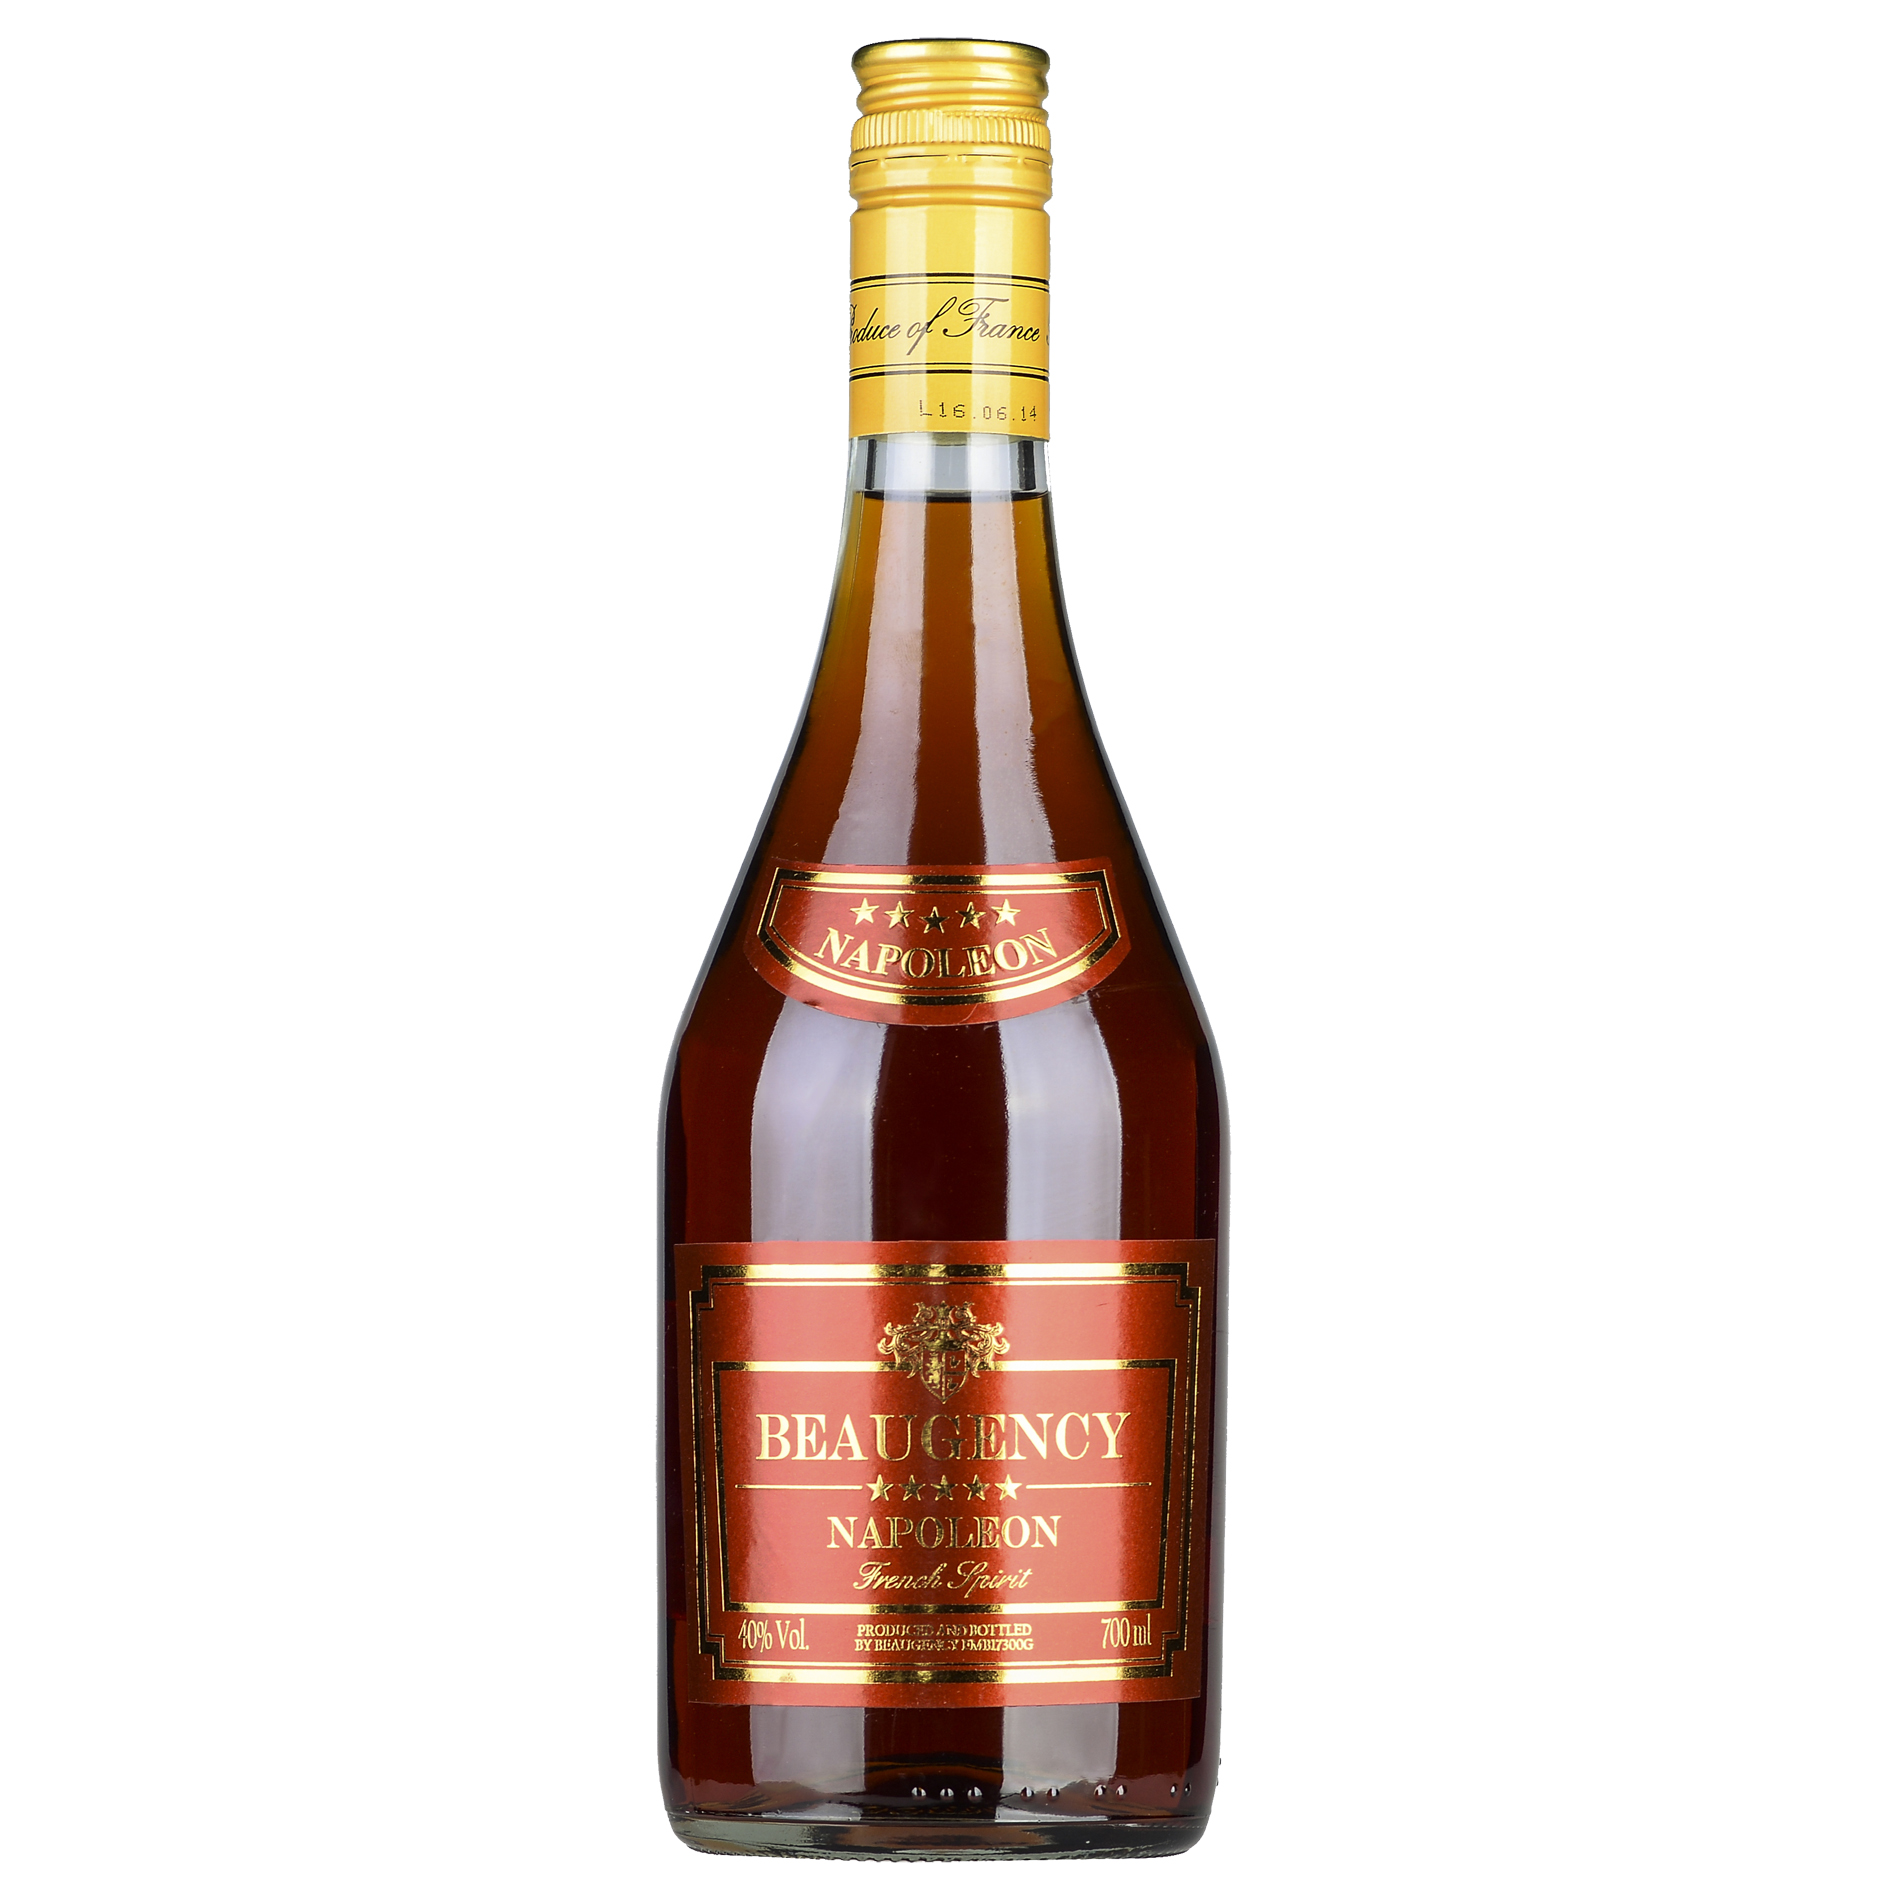 伯爵仕拿破侖甜菜酒(配制酒)